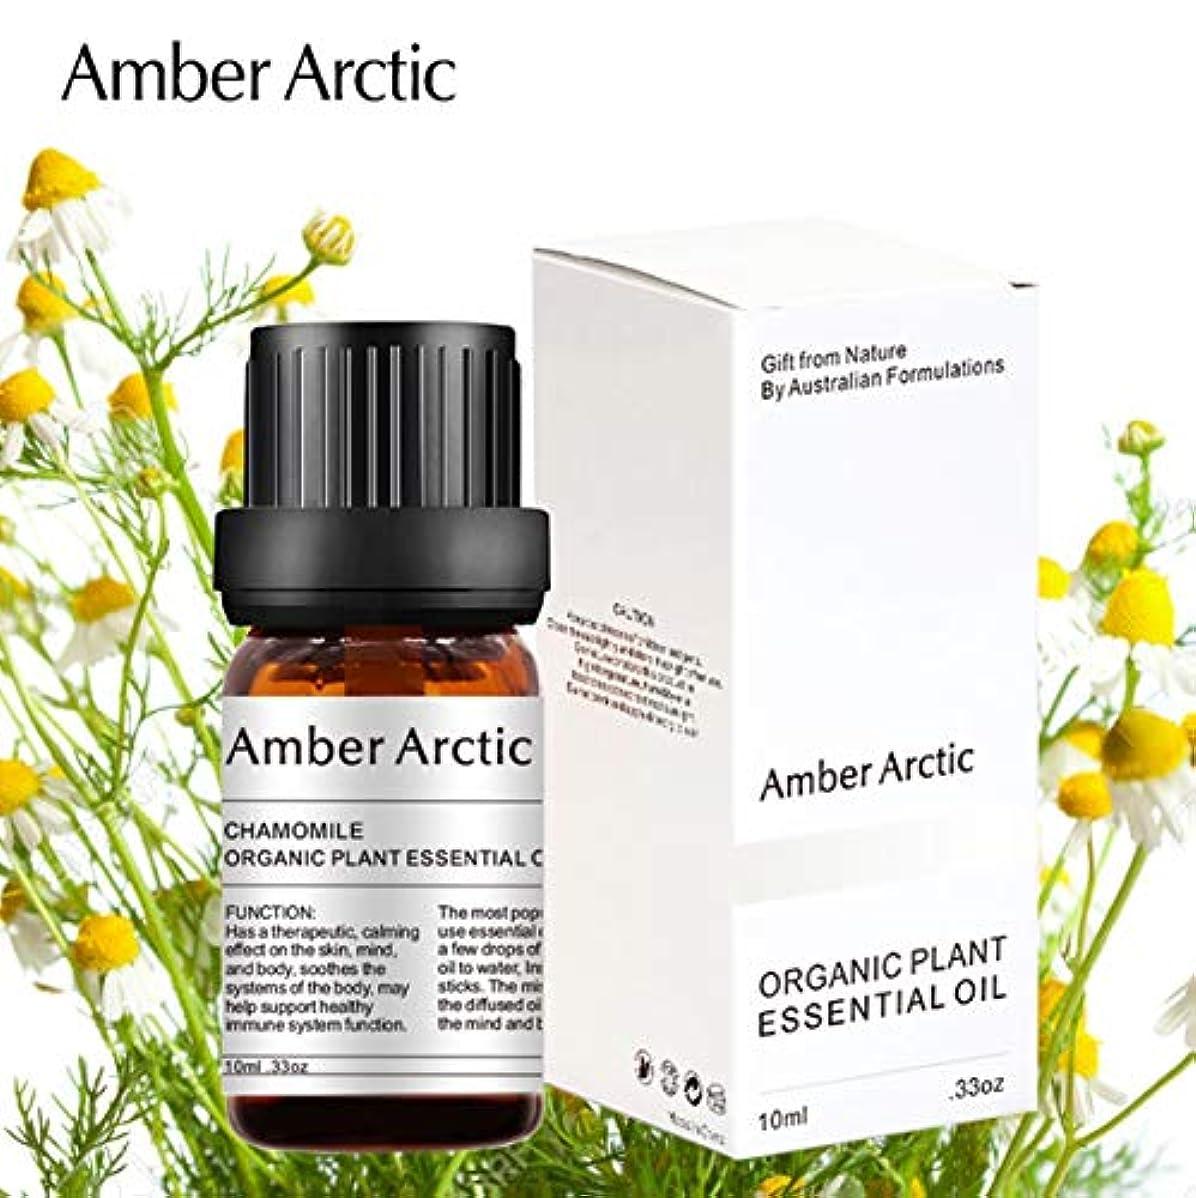 優遇スキム局Amber Arctic カモミール エッセンシャル オイル、100% ピュア 天然 アロマテラピー カモミール オイル スプレッド 用 (10ML) カモミール